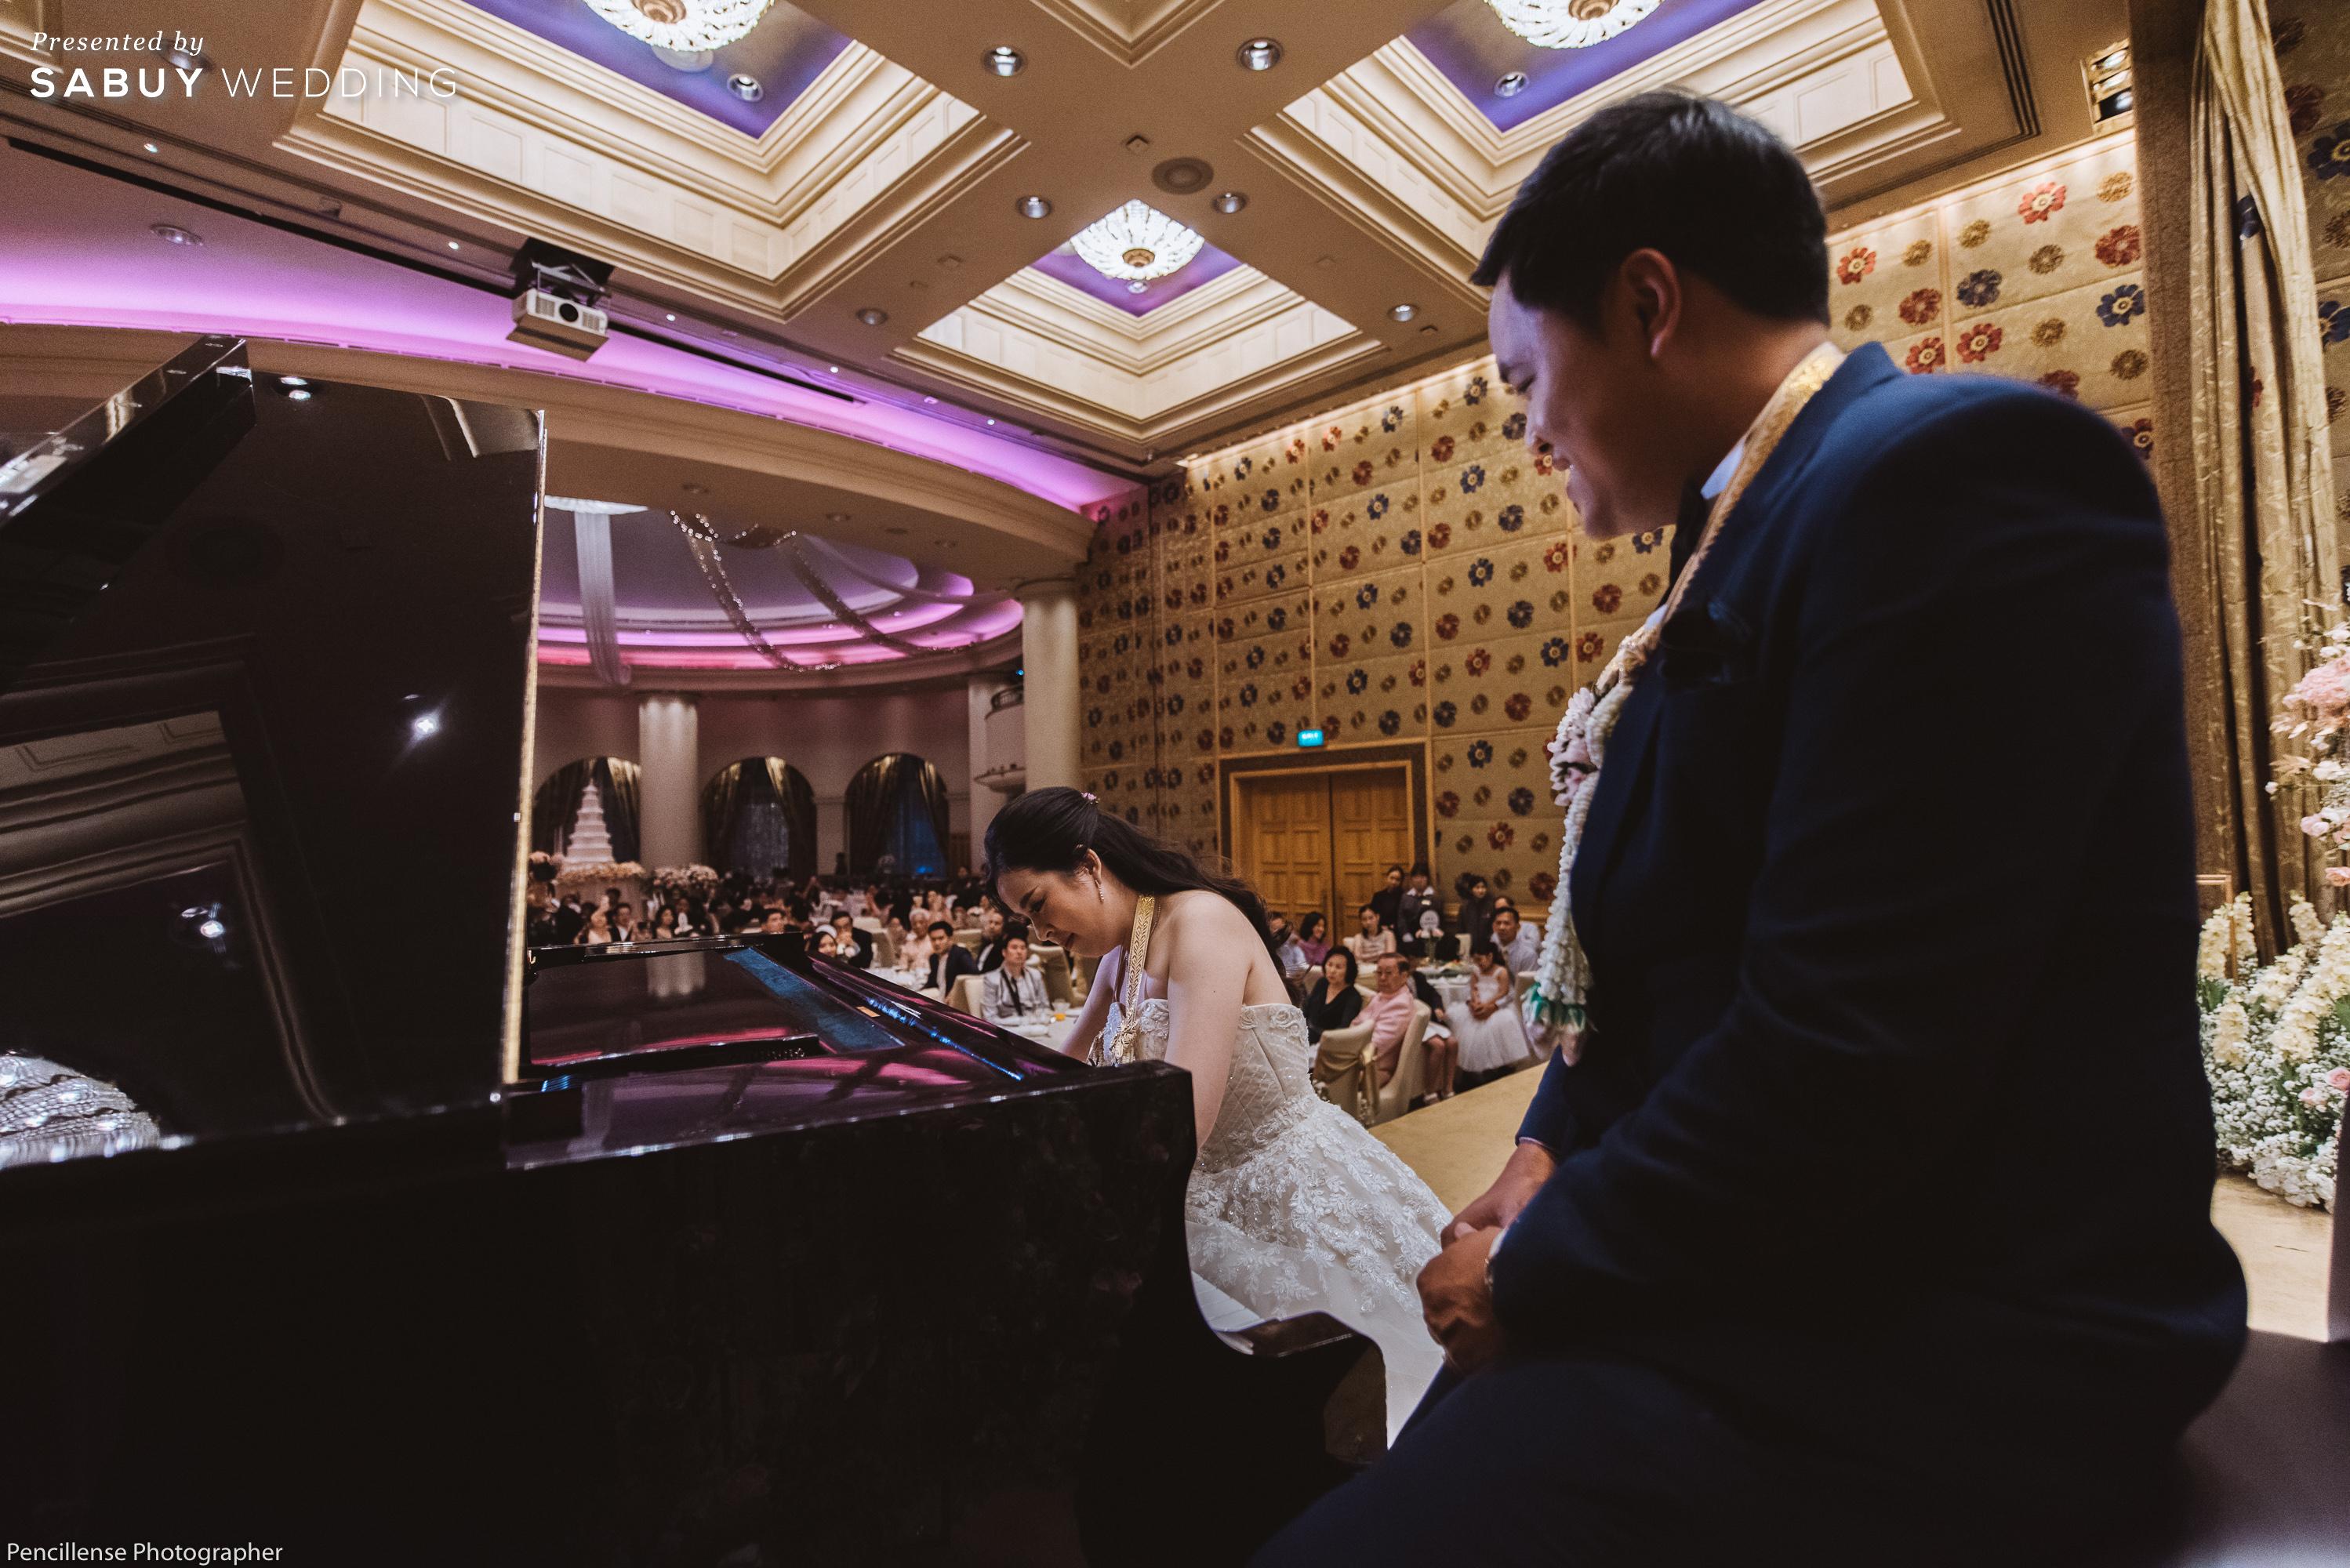 รีวิวงานแต่งโทนชมพู ใช้เปียโนเป็นกิมมิคหลัก สร้างความประทับใจ @Sheraton Grande Sukhumvit